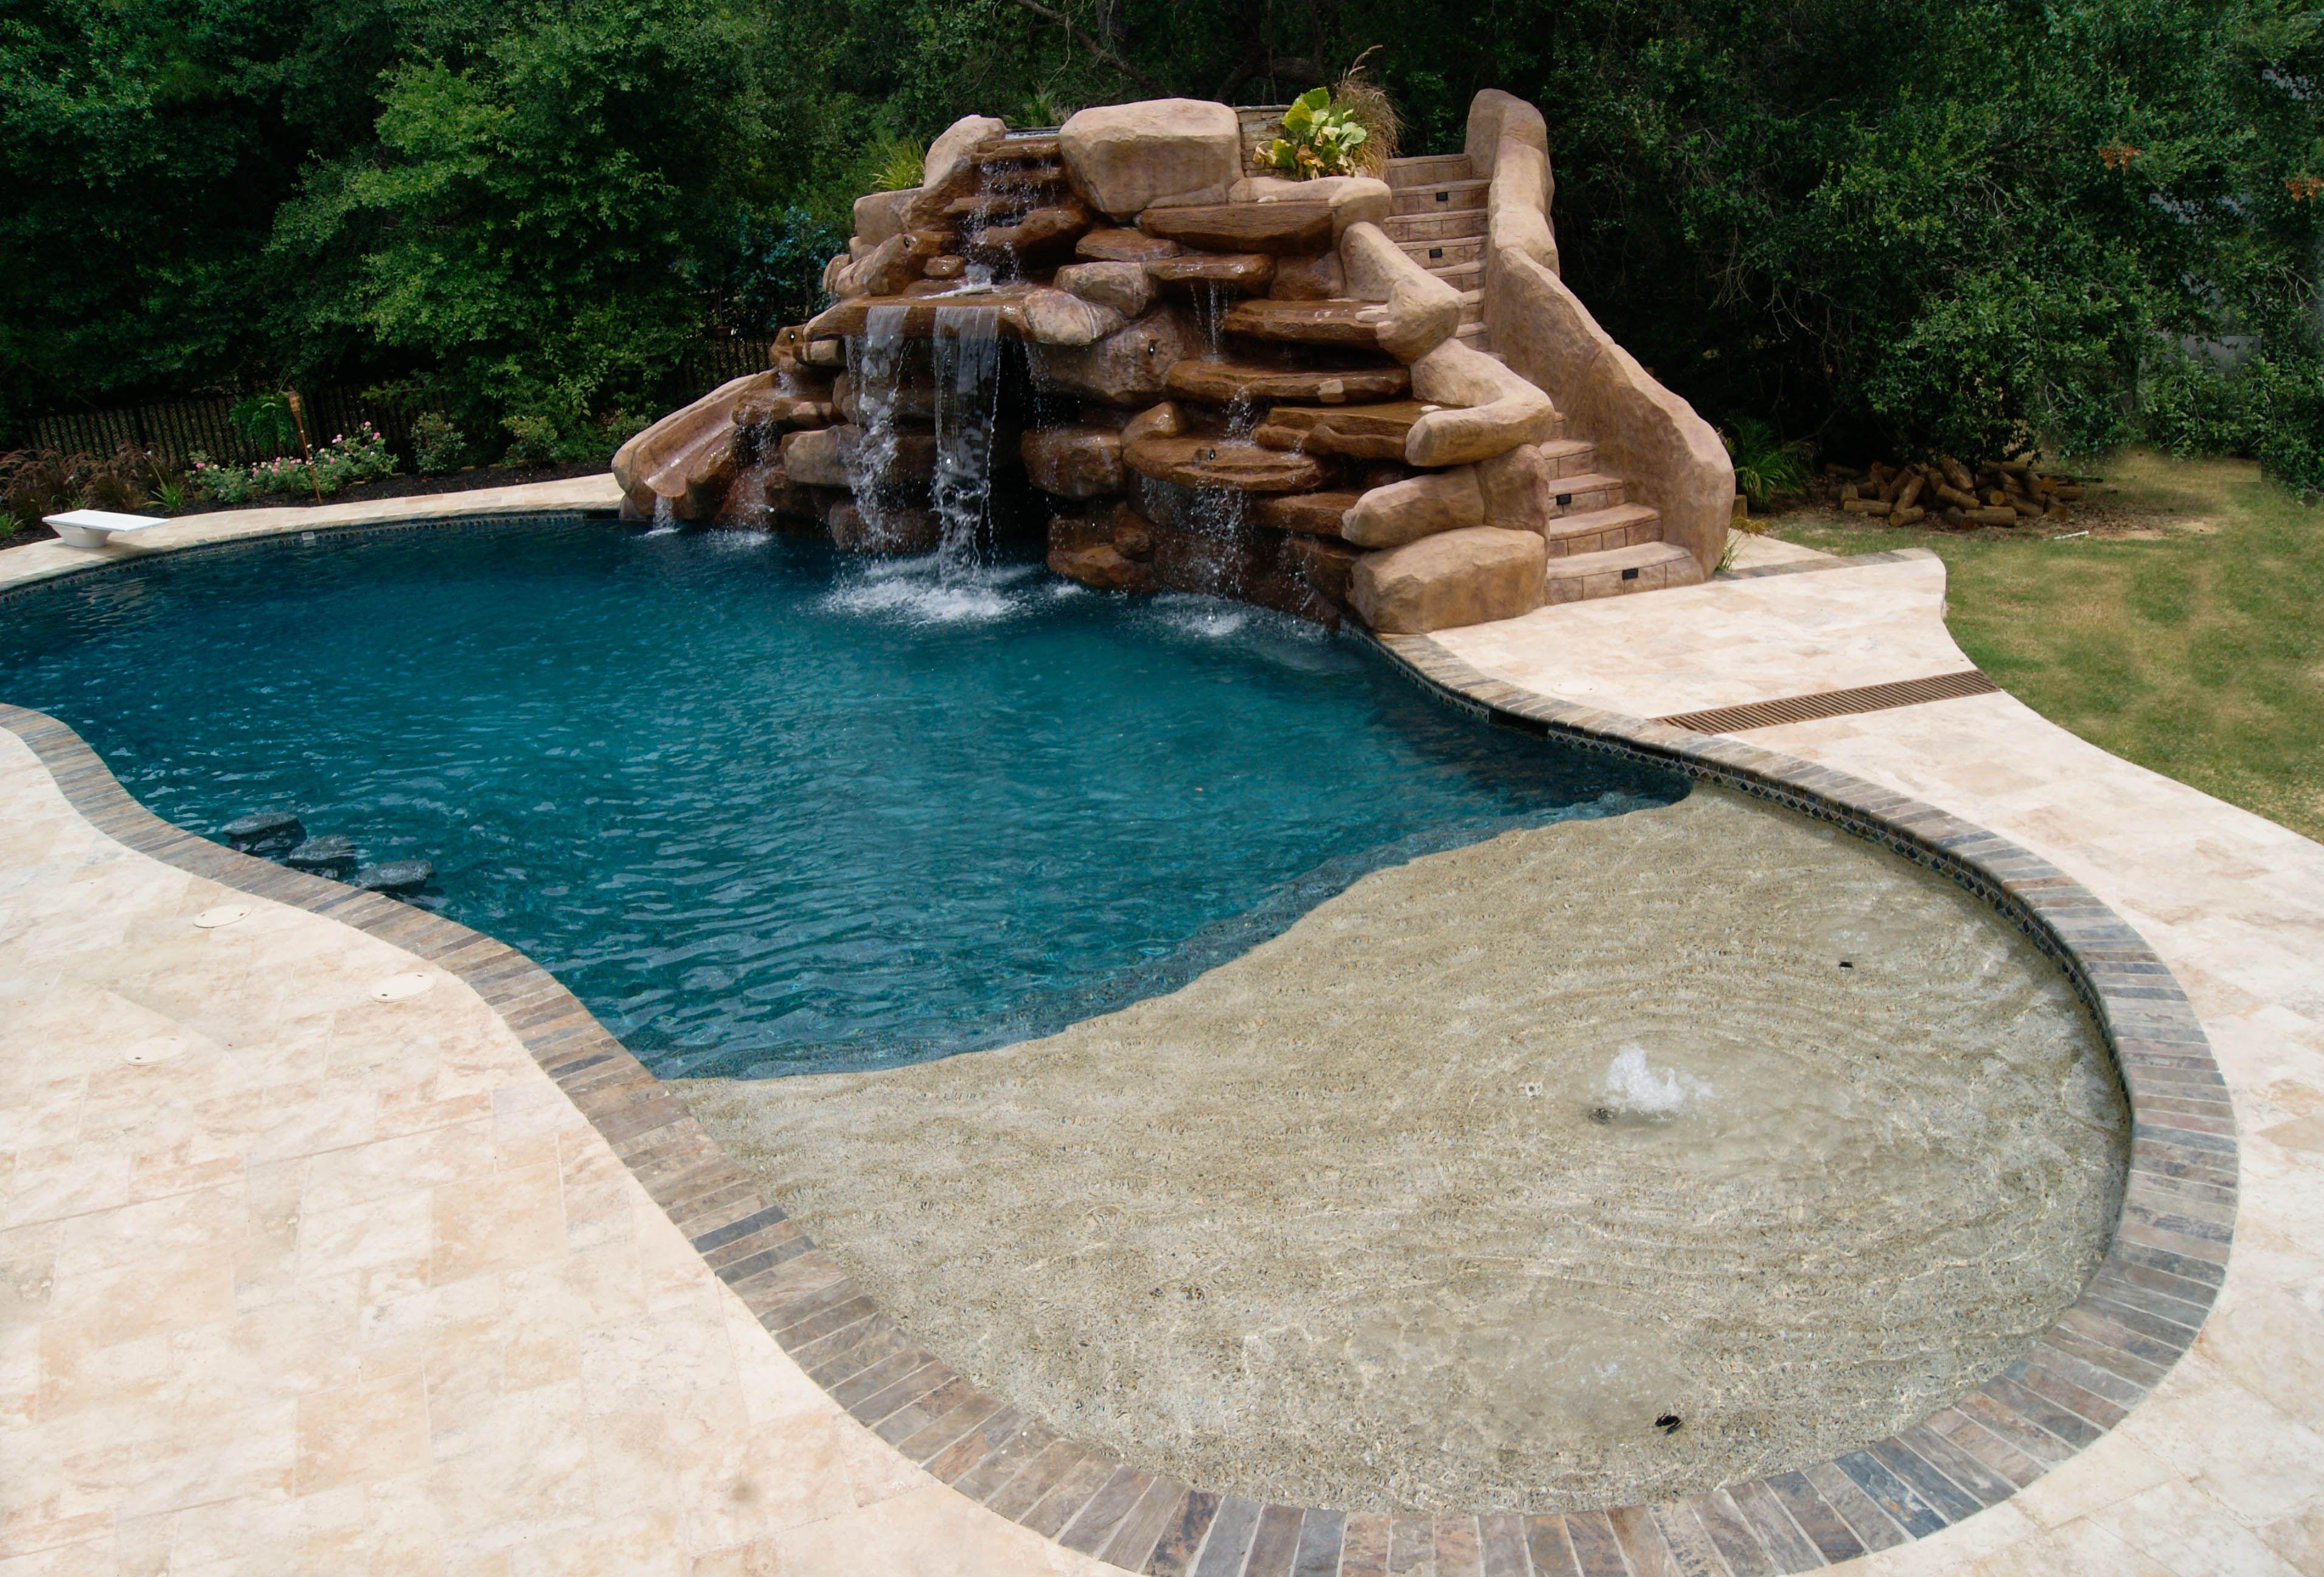 Pools Slides Raised Spa And Slide Interfab 6 Wild Ride Swimming